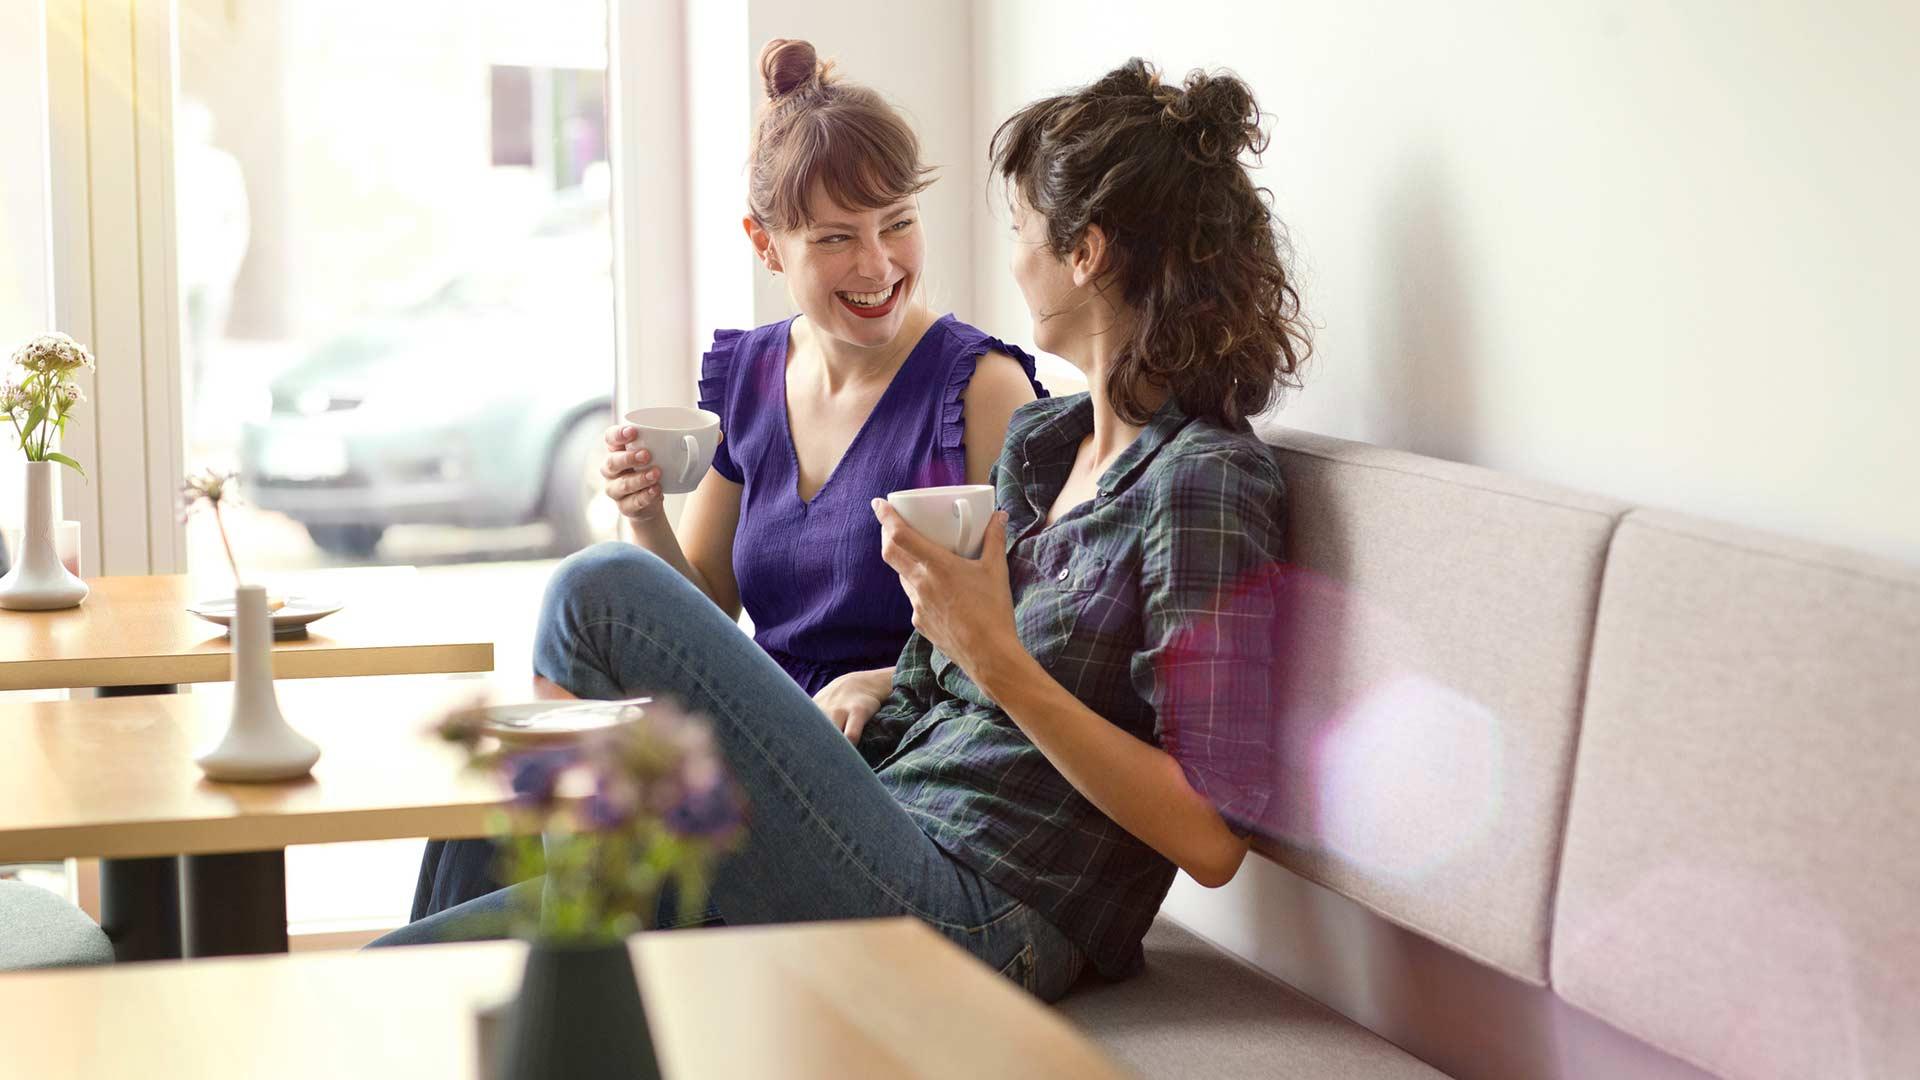 freundschaftsb nder wie sich freundschaften kn pfen lassen. Black Bedroom Furniture Sets. Home Design Ideas